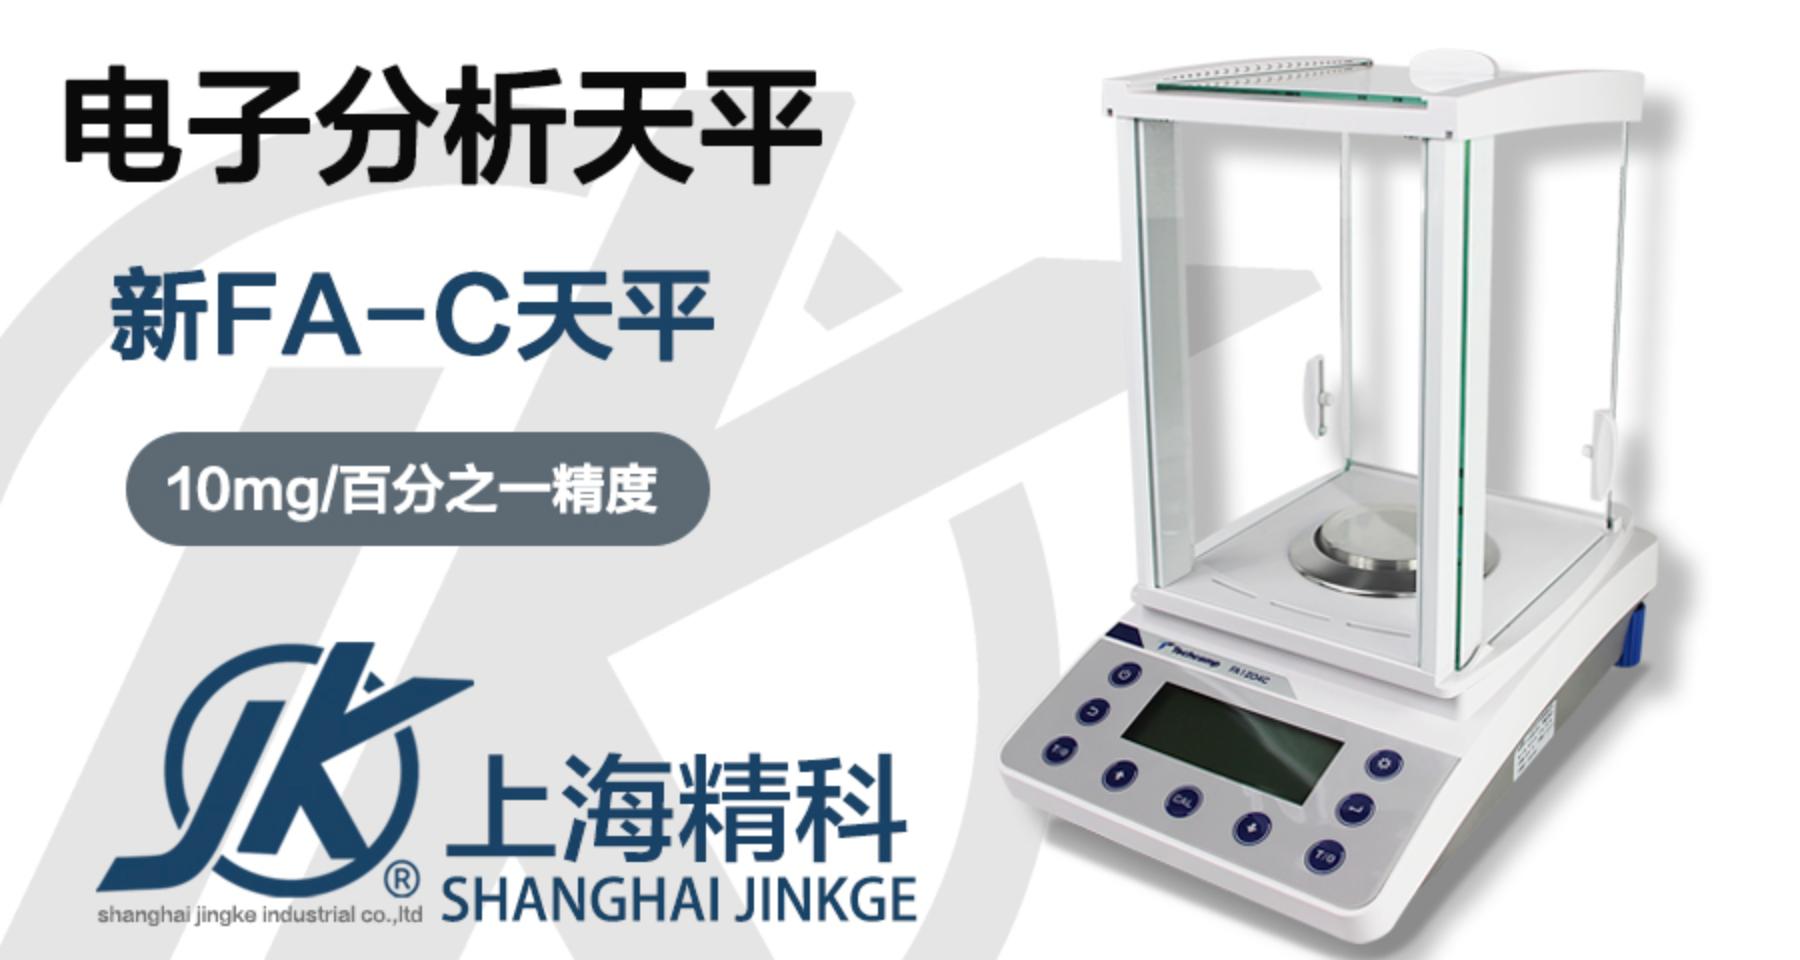 天津1mg电子天平厂家供应,电子天平